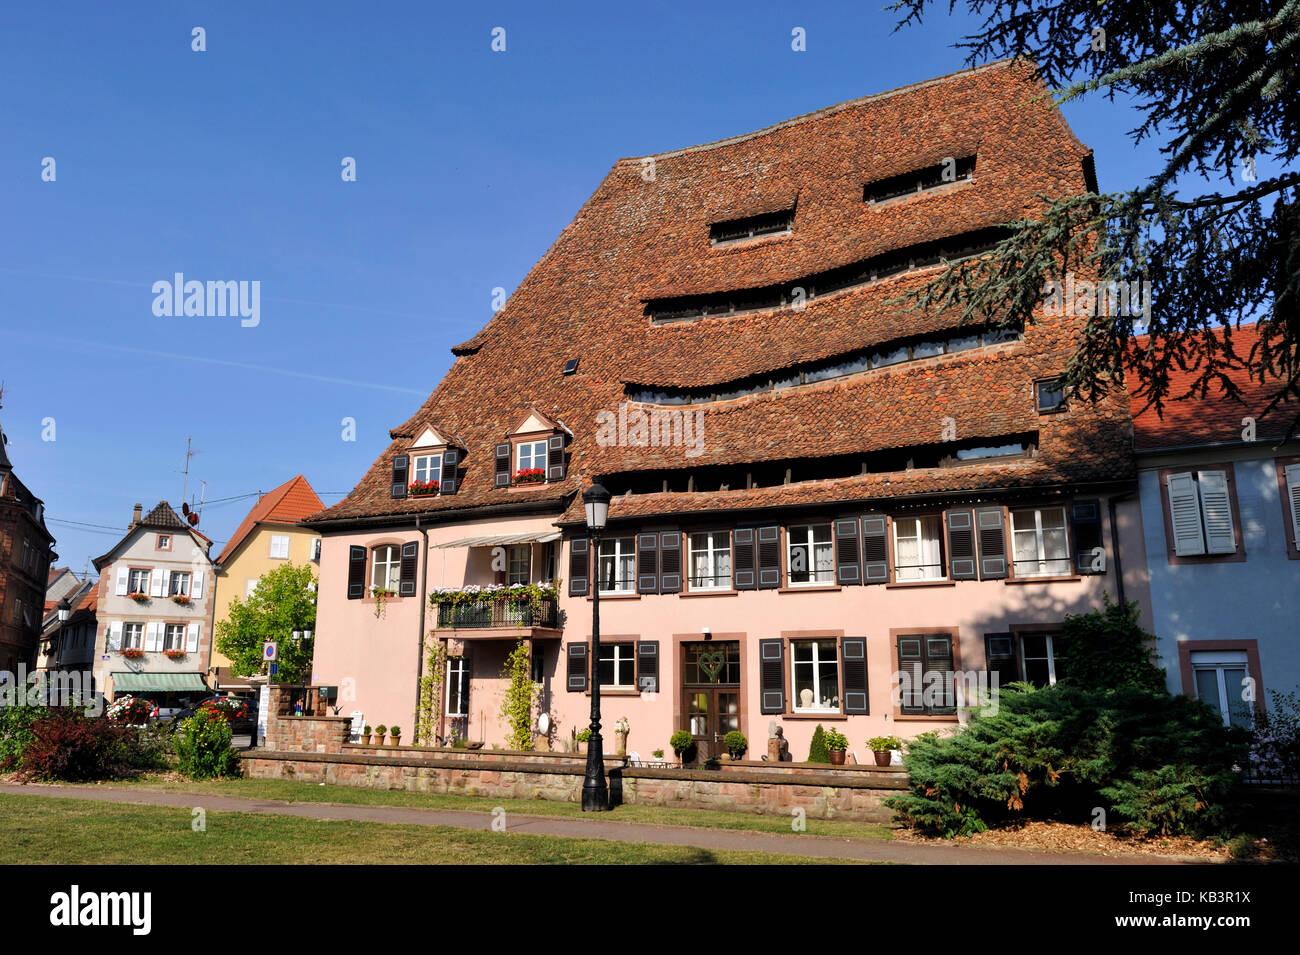 France, Alsace, wissembourg, maison du sel (salt house) Photo Stock